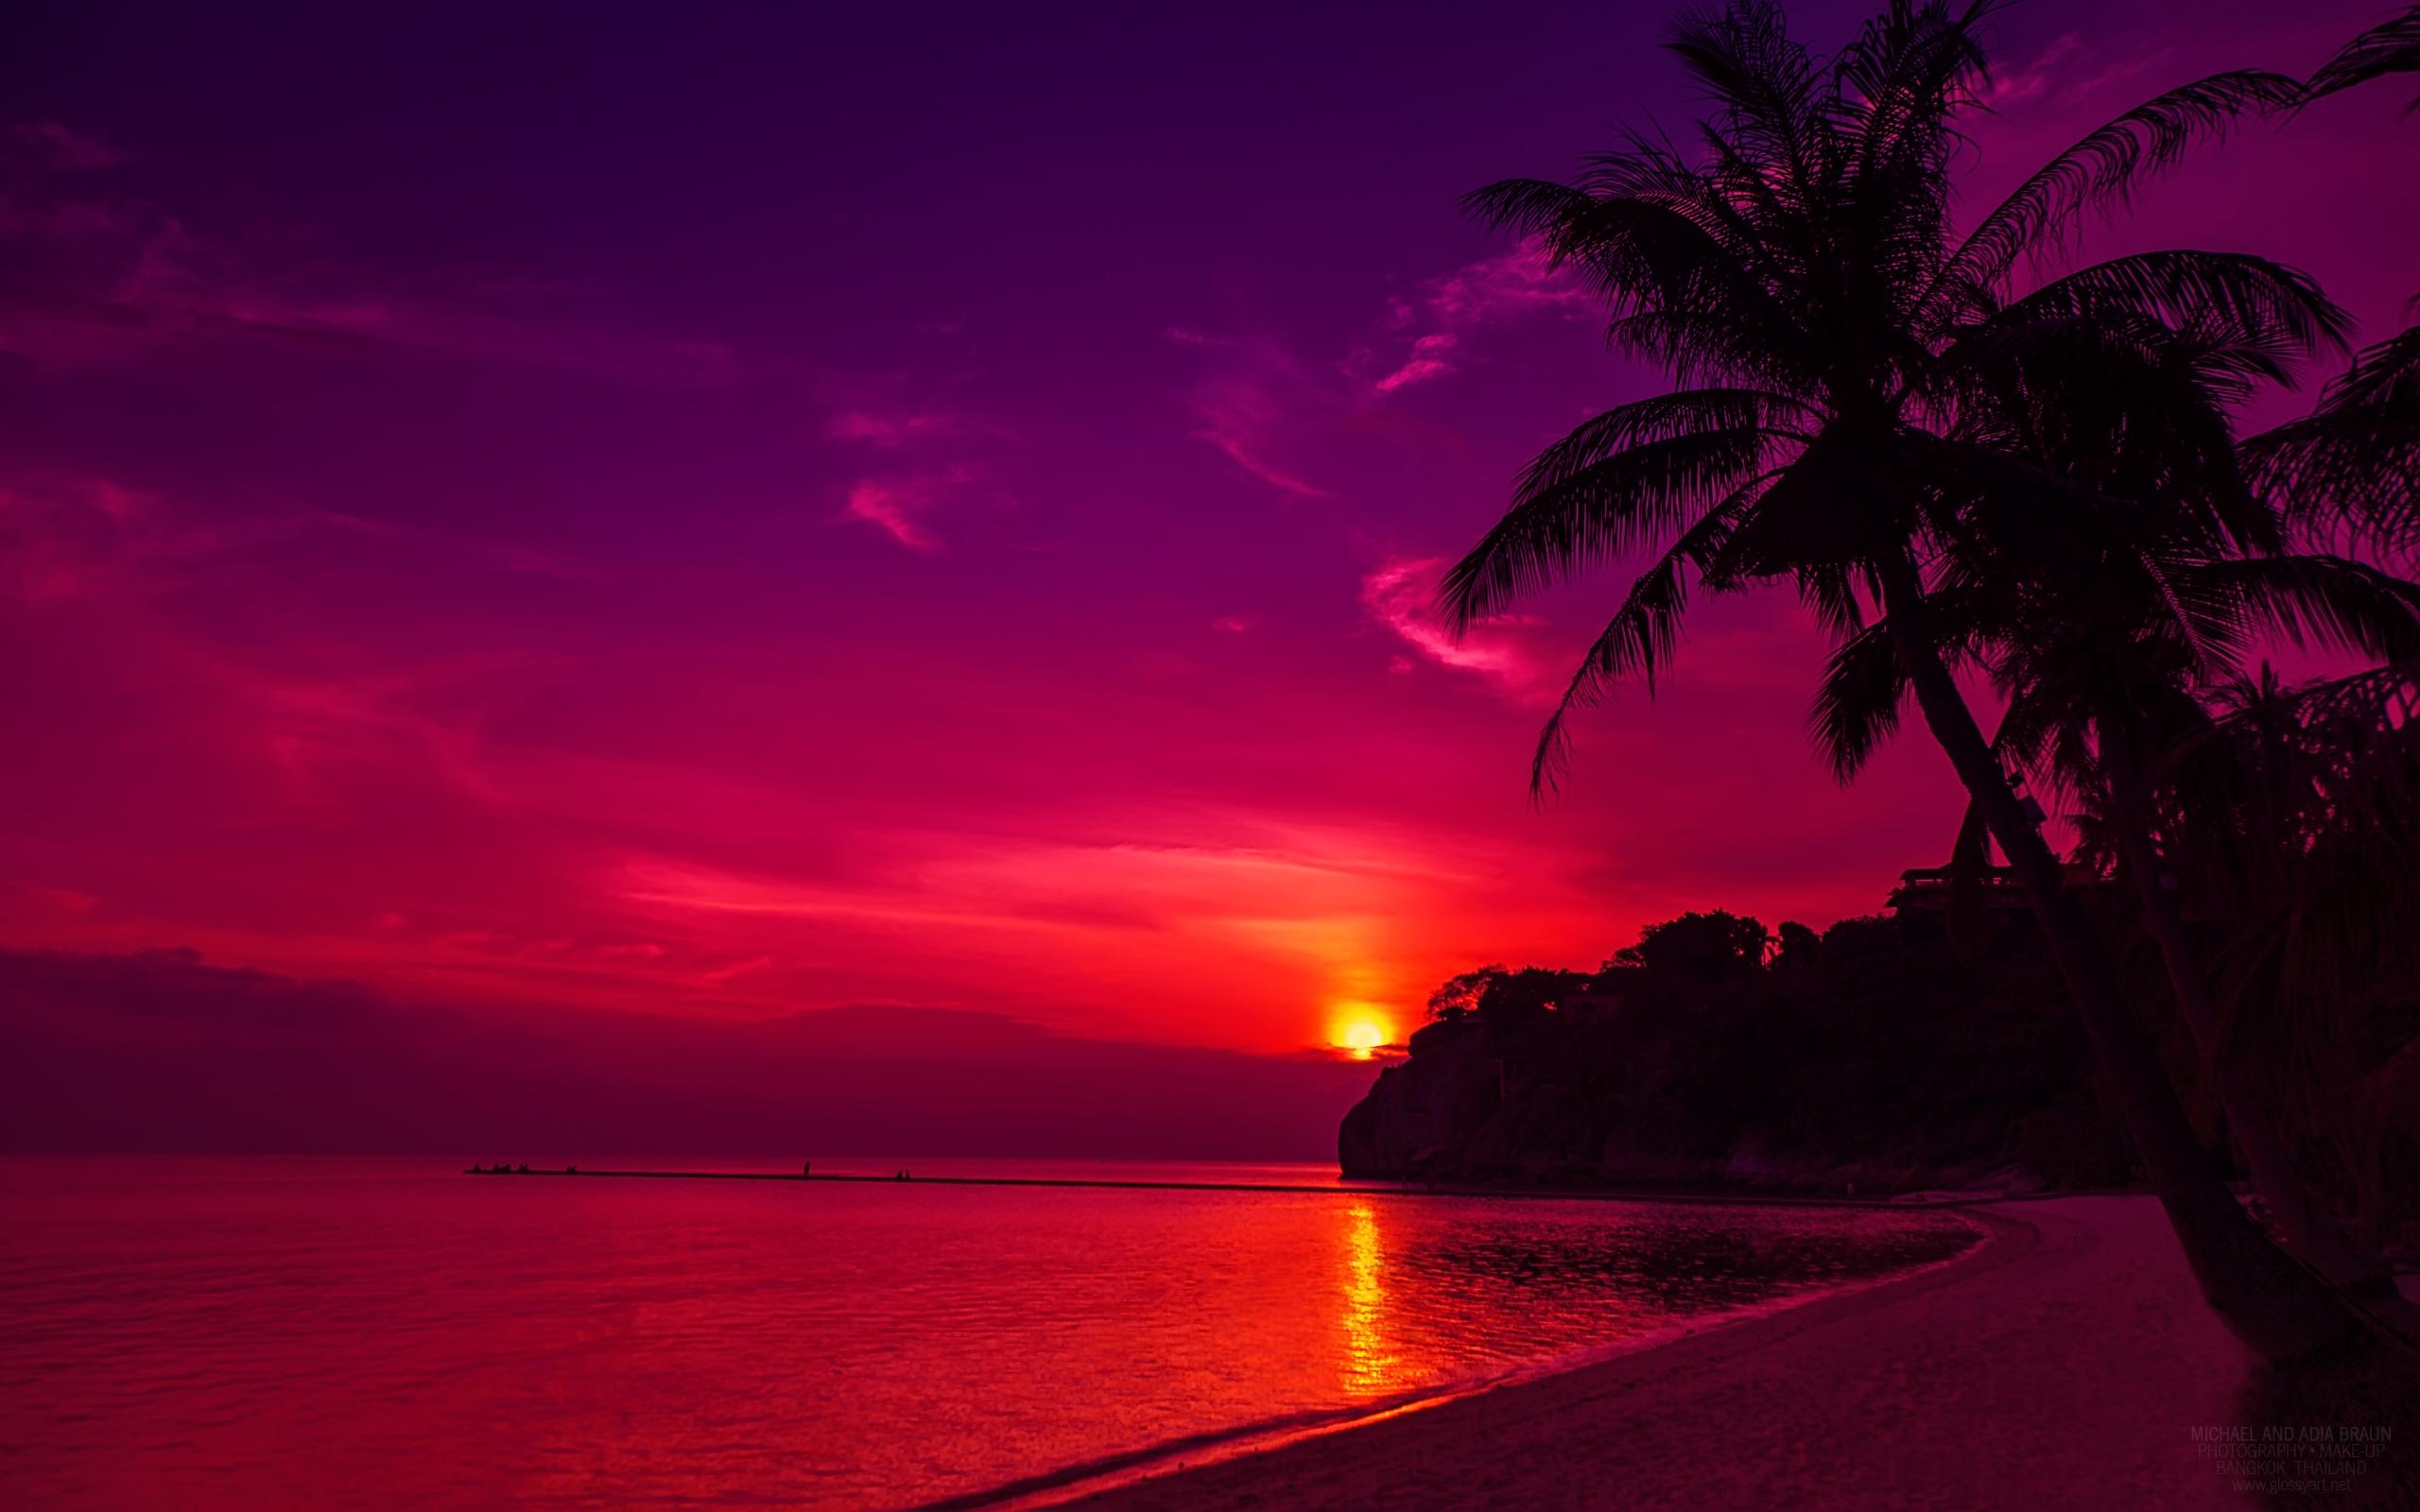 Beautiful Sunset HD Wallpaper